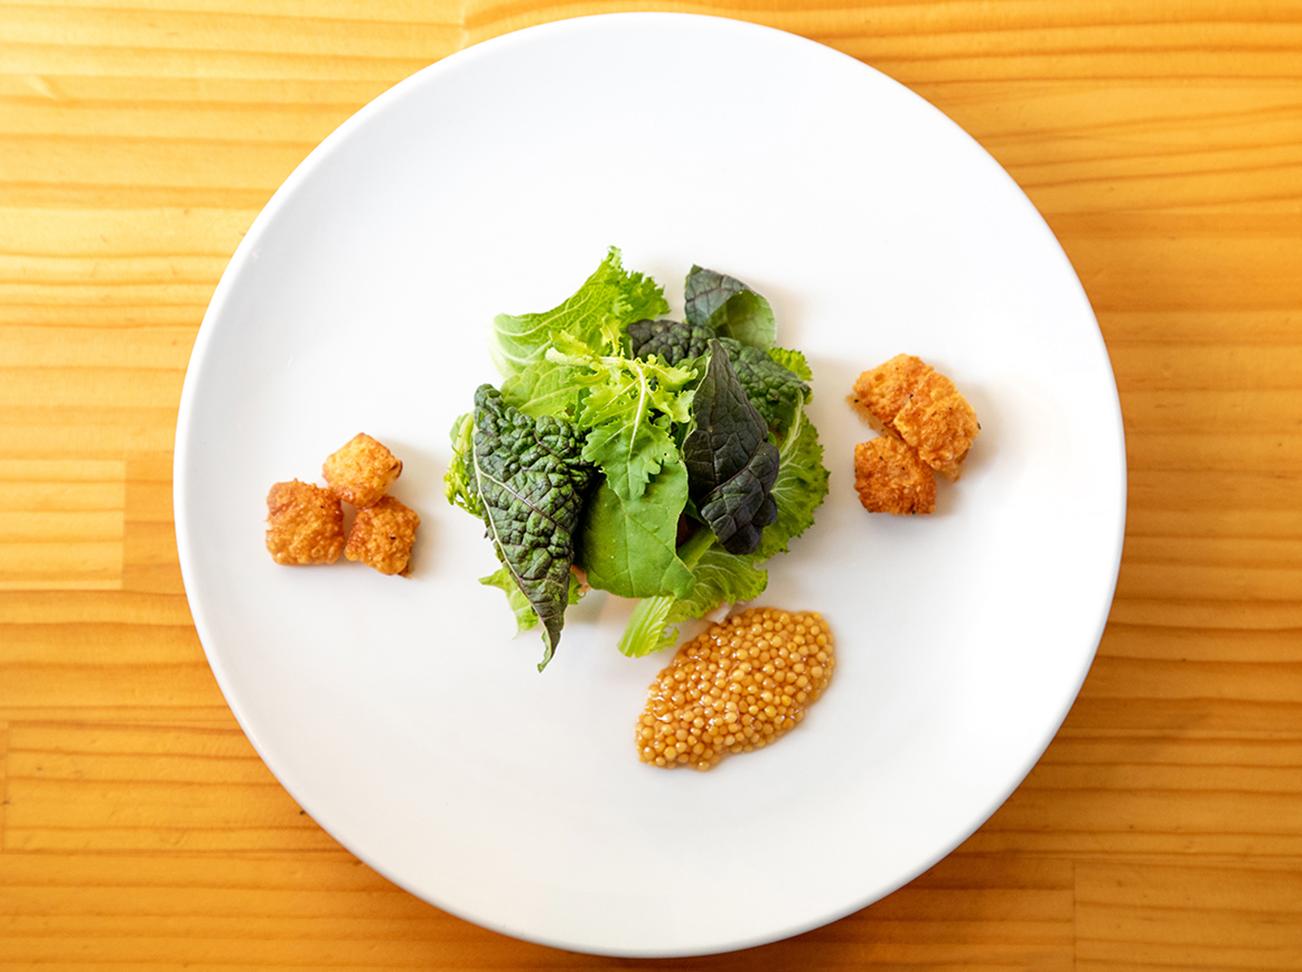 地元の農家で採れた野菜に隠れた「ポルケッタ」。ゴールデンマスタードと共に添えられているのは、ポルケッタの皮の部分。サクサクとした歯ざわりだ